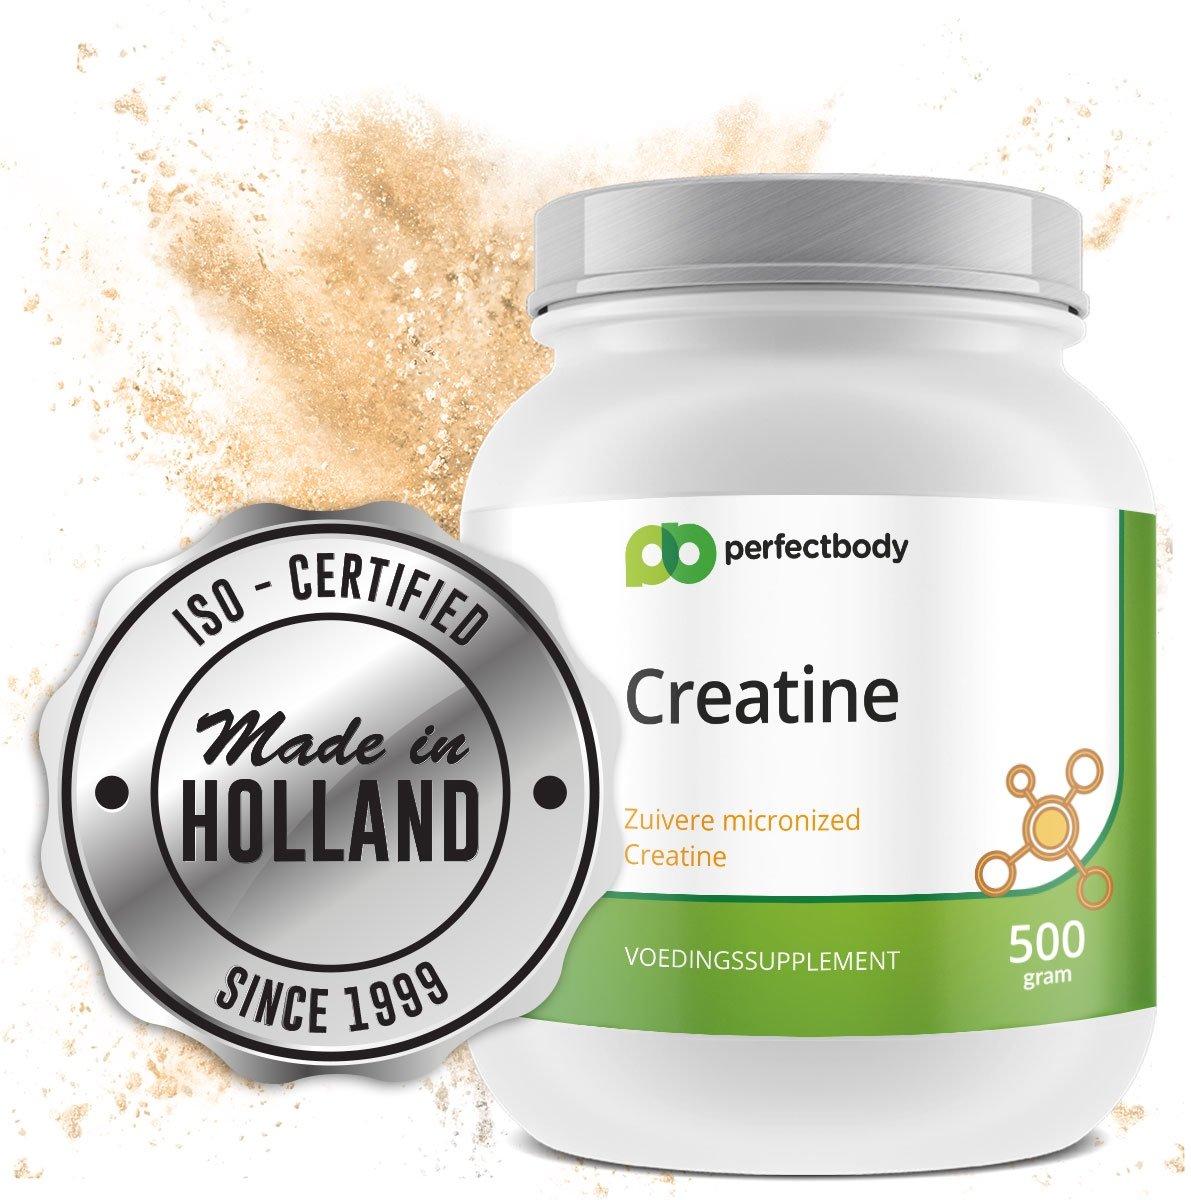 Creatine Monohydraat Poeder - 500 Gram - PerfectBody.nl kopen